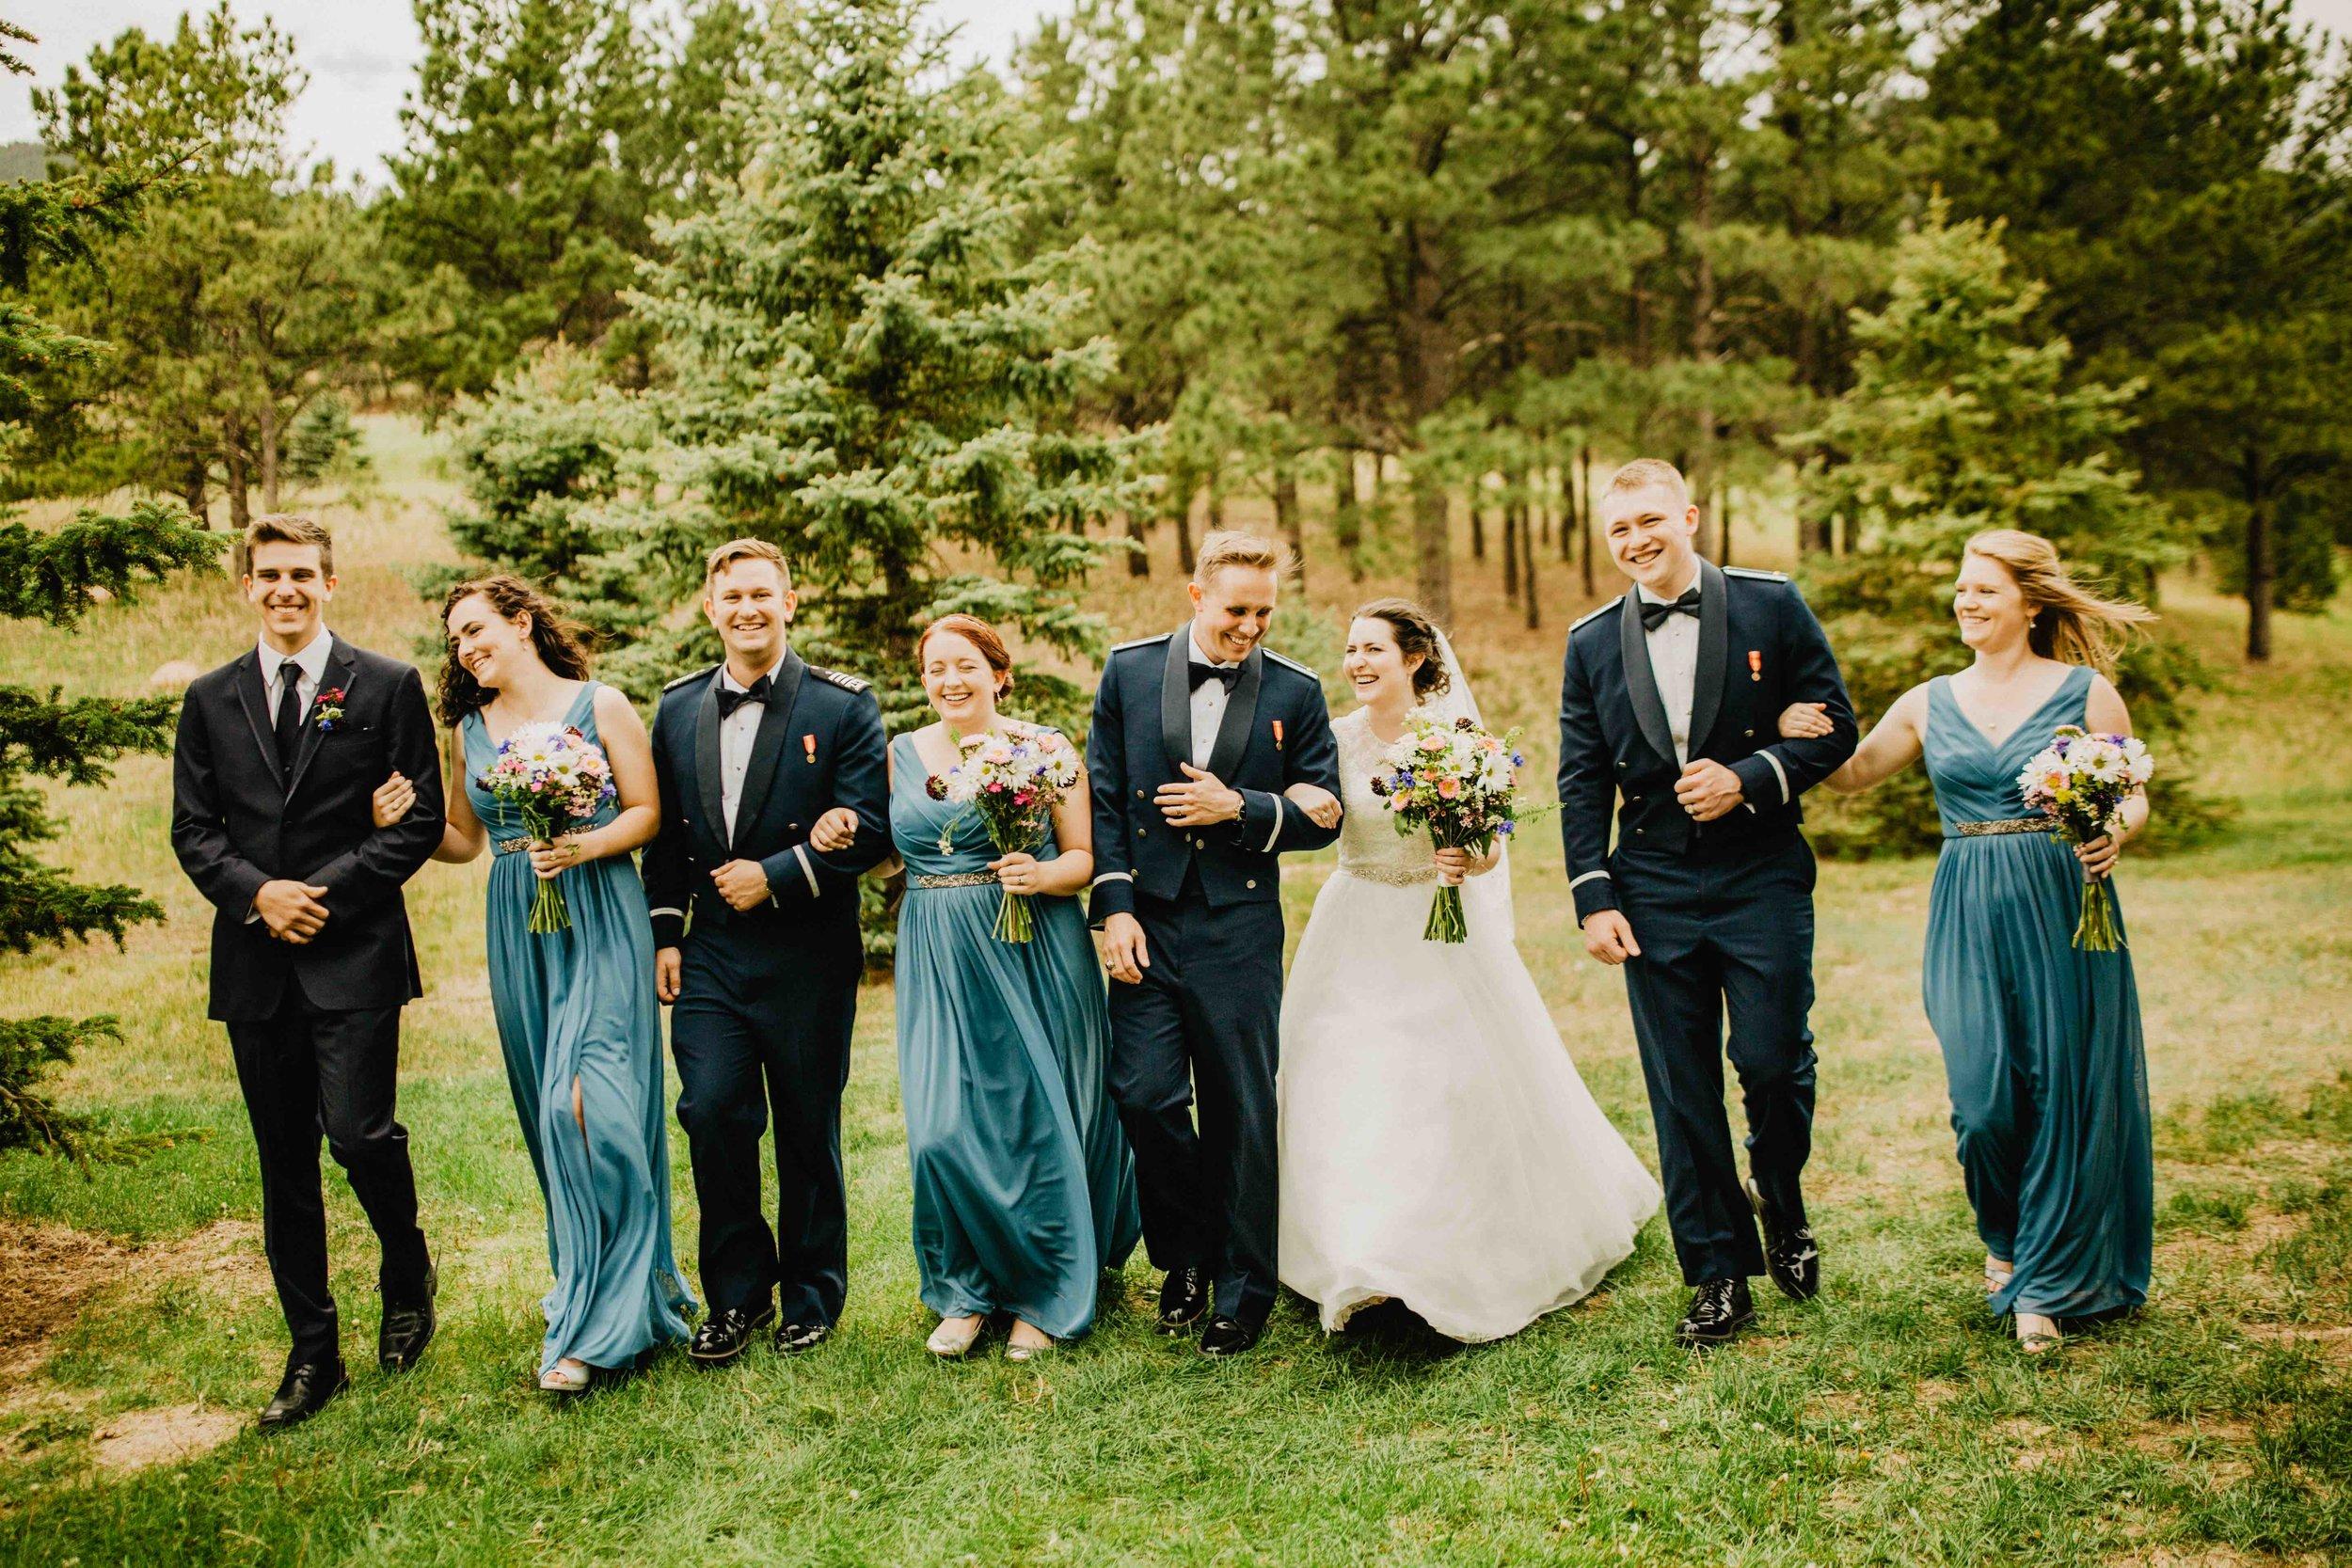 4W7A9985-colorado-wedding-photographer-denver-springs-vail--colorado-wedding-photographer-denver-springs-vail-.jpeg